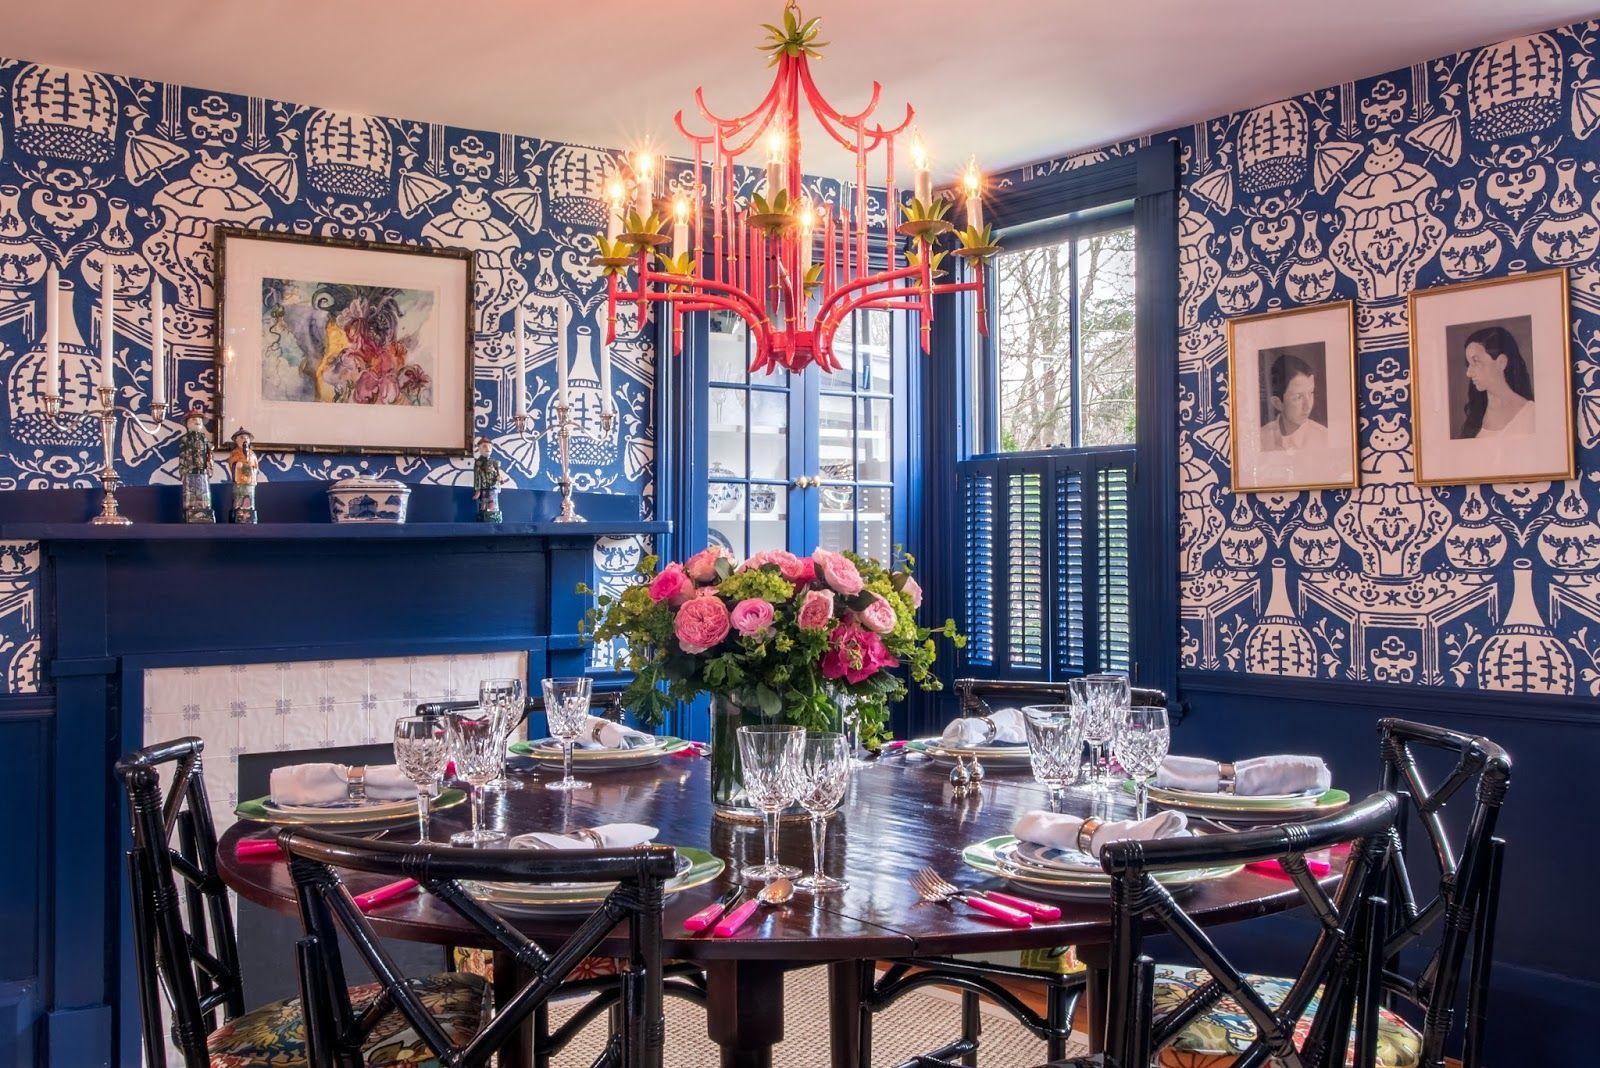 Superior #Esszimmer Innenräume 11 Atemberaubende Esszimmer Tapeten #dekoration #art  #decor #dekor #